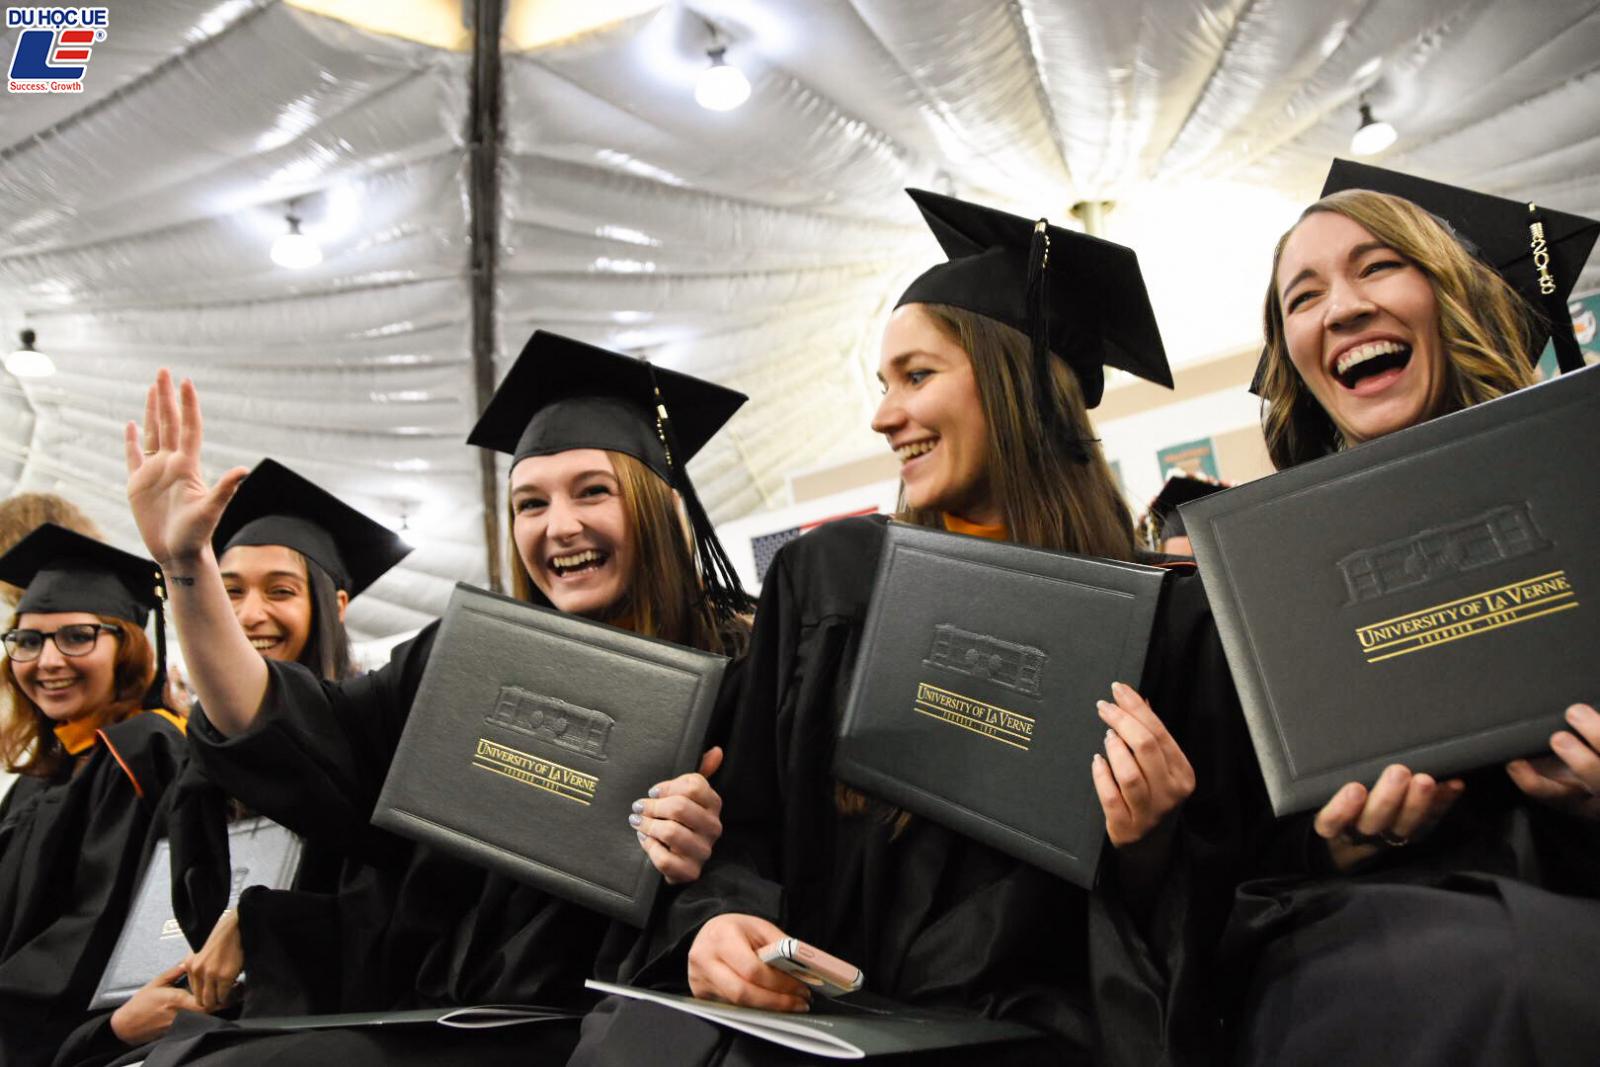 Chinh phục học bổng $25.000 từ University Of La Verne 5